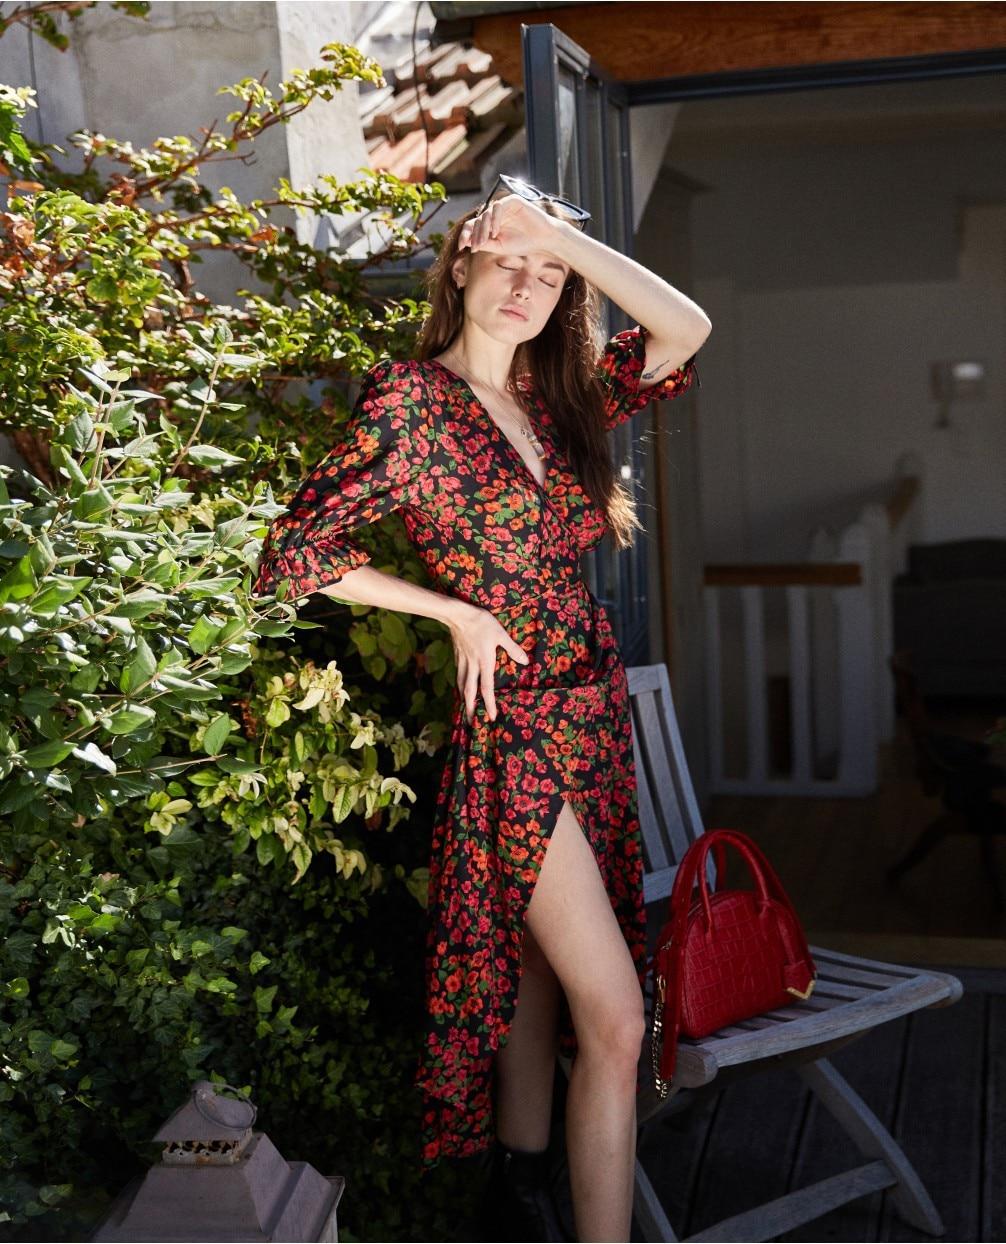 PIXY rouge imprimé Floral soie robes taille haute tunique chaîne robe femmes d'été col en V robes Midi za sukienka robe décontractée longue